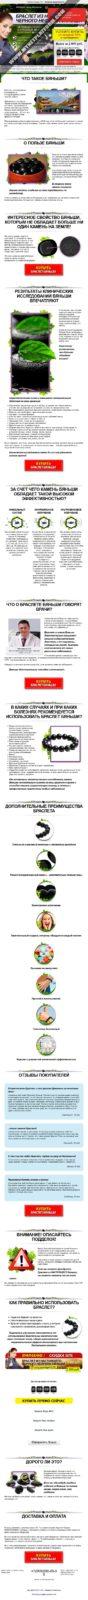 Скриншот лендинга Бяньши - браслет из чёрного нефрита 001 - моб